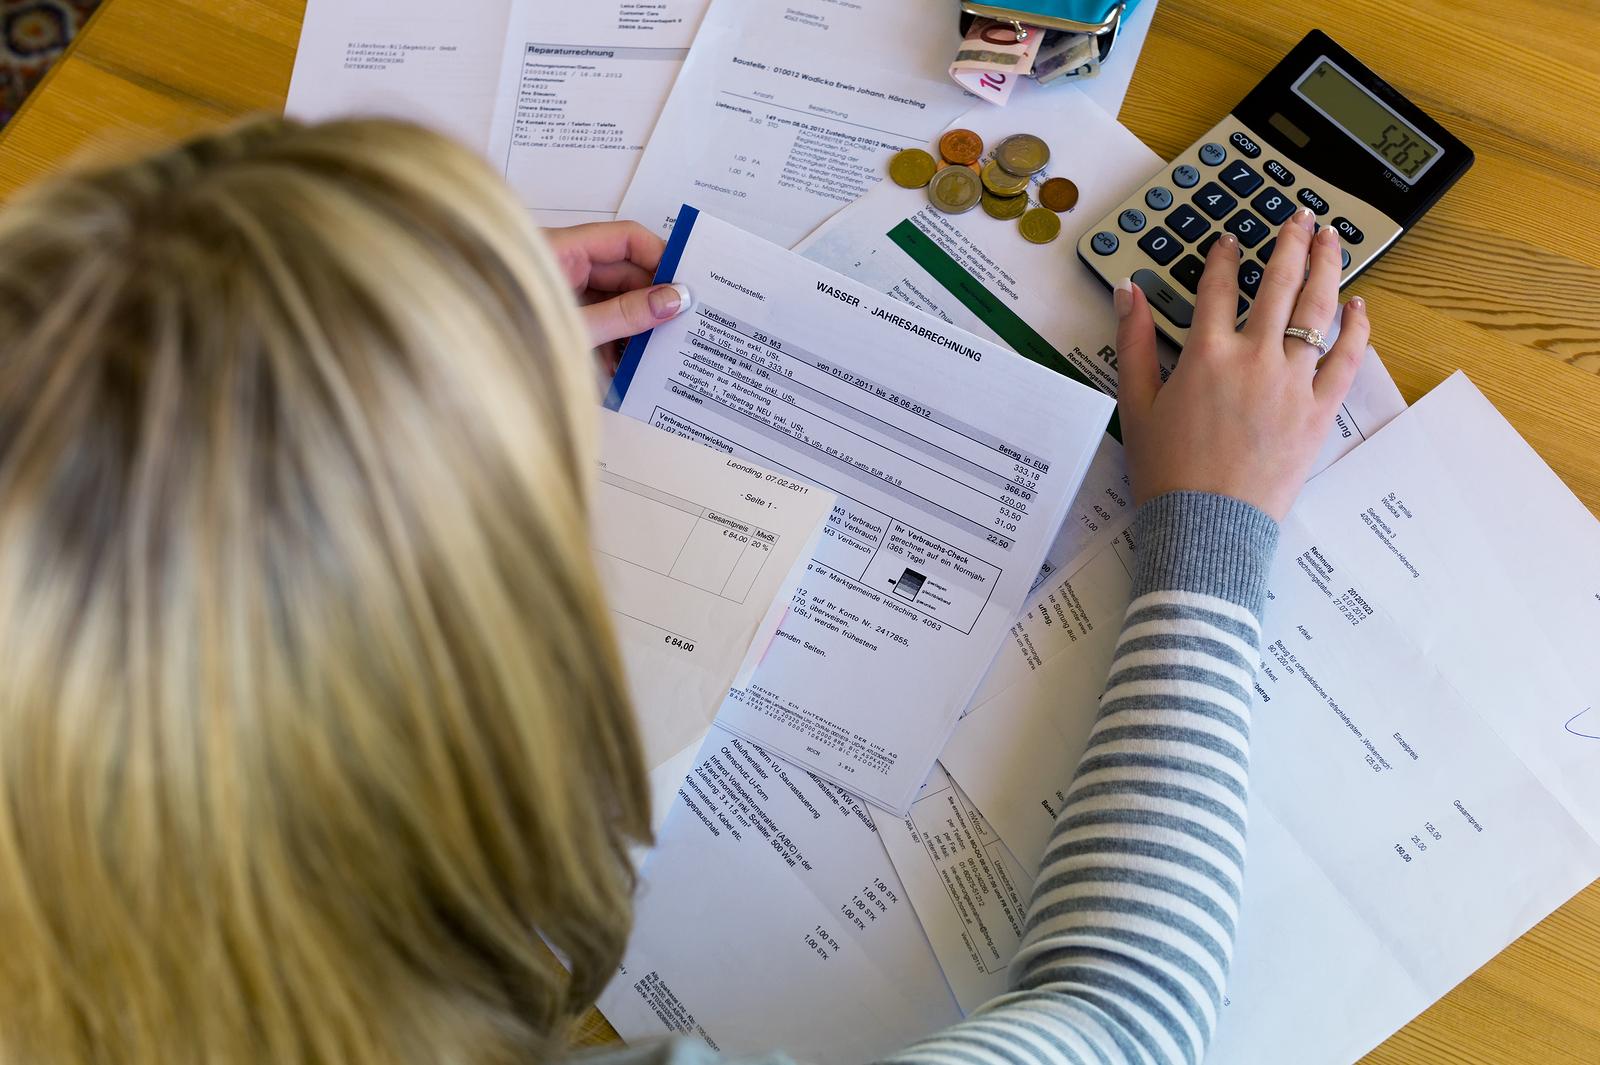 Налог при покупке квартиры: порядок и сроки уплаты, налоговые ставки и советы юристов